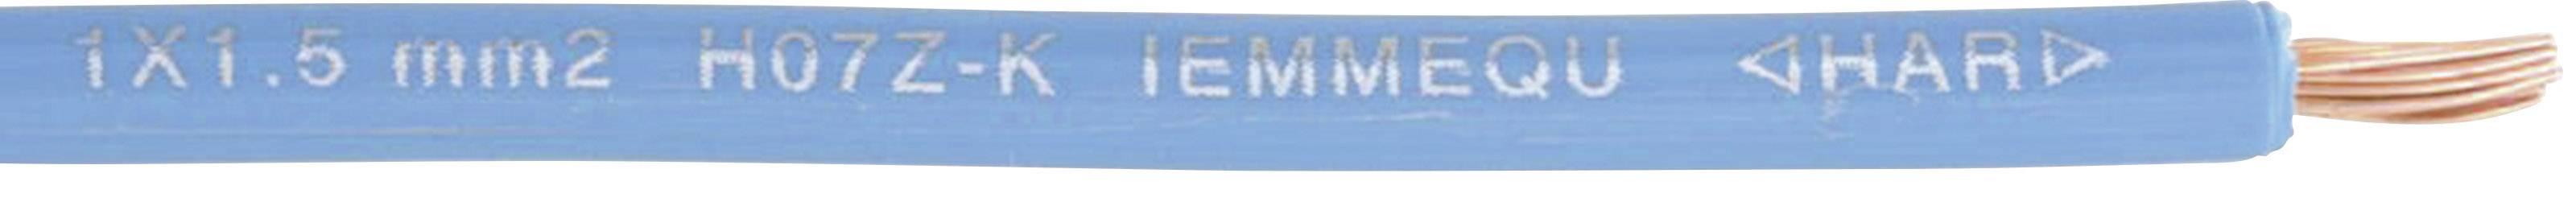 Pletenica H07Z-K 1 x 10 mm, črna Faber Kabel 040281 cena za meter